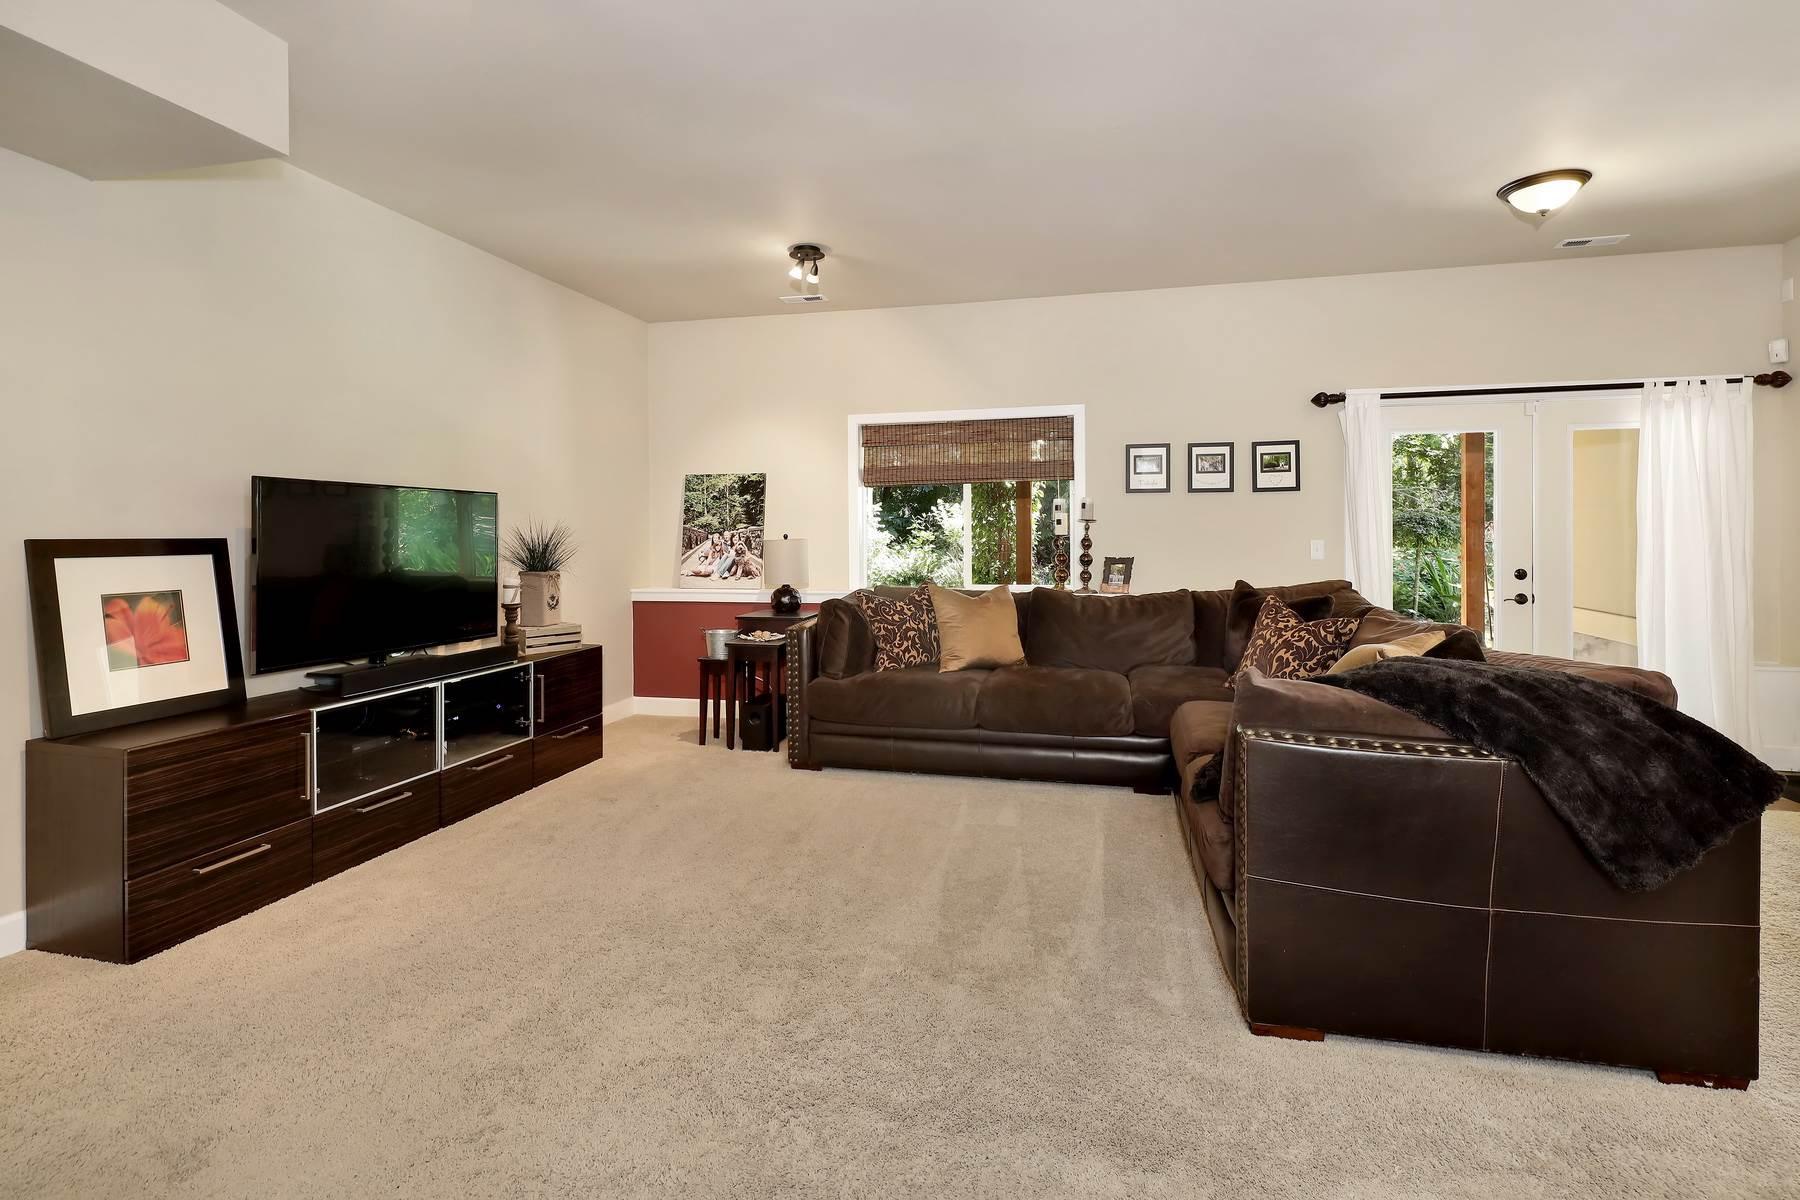 3637 Woodlake Rd, Bellingham, WA 98226